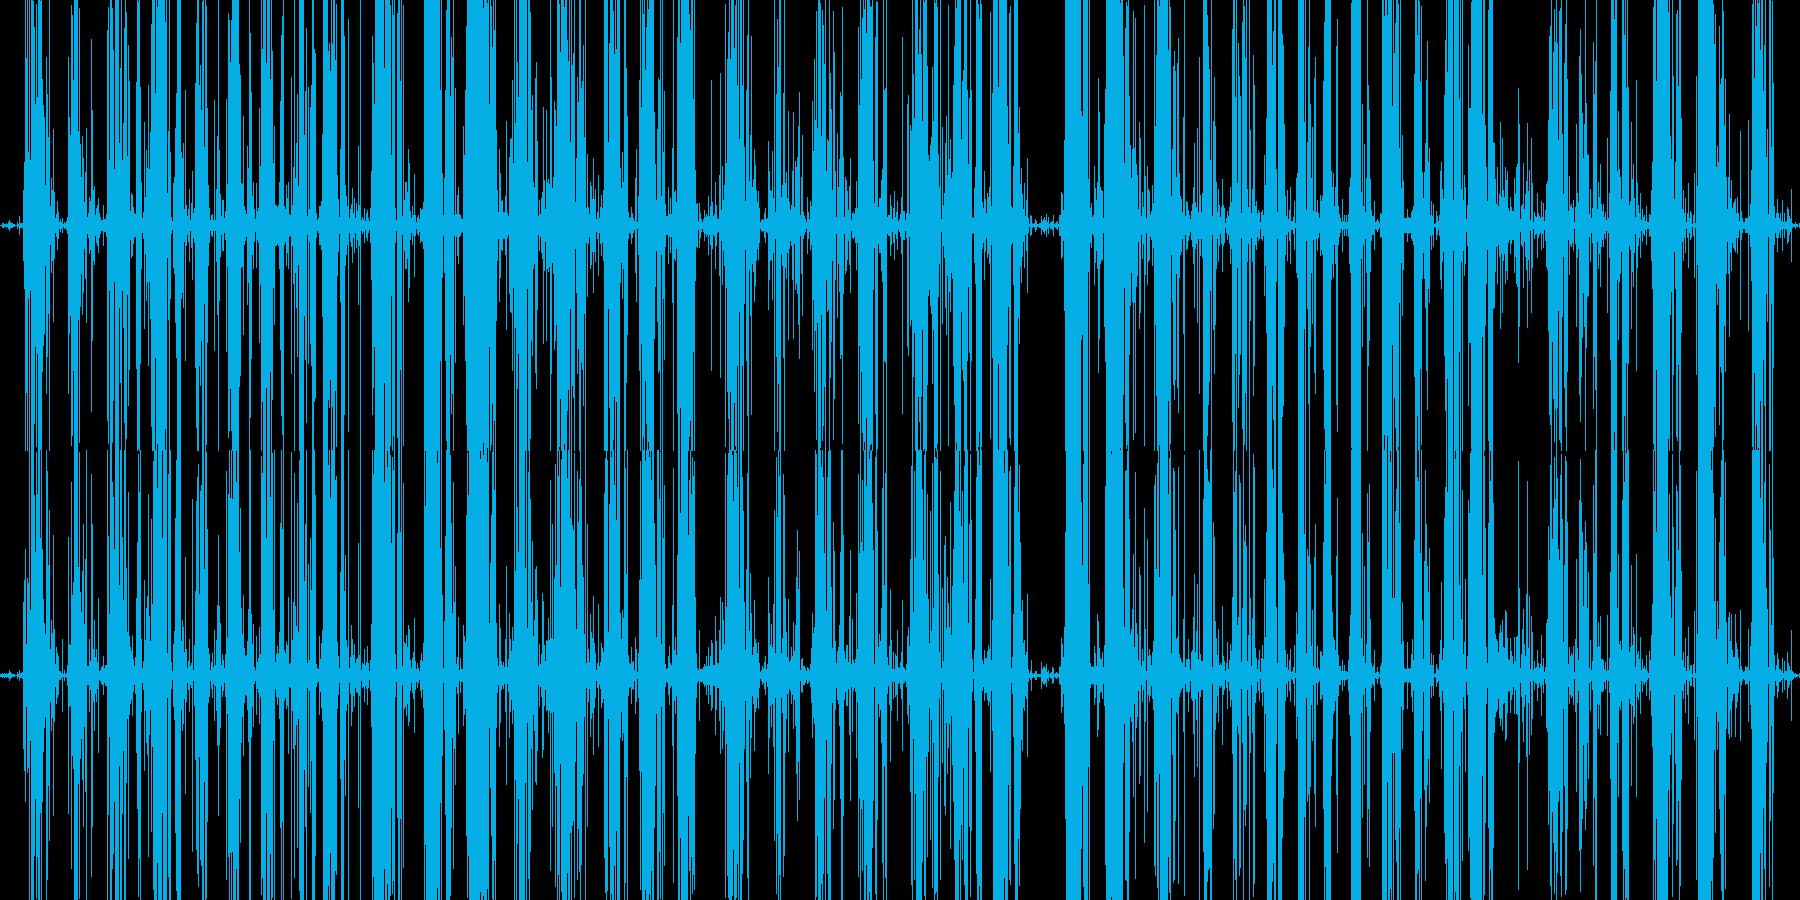 パチパチスライムを触る音の再生済みの波形